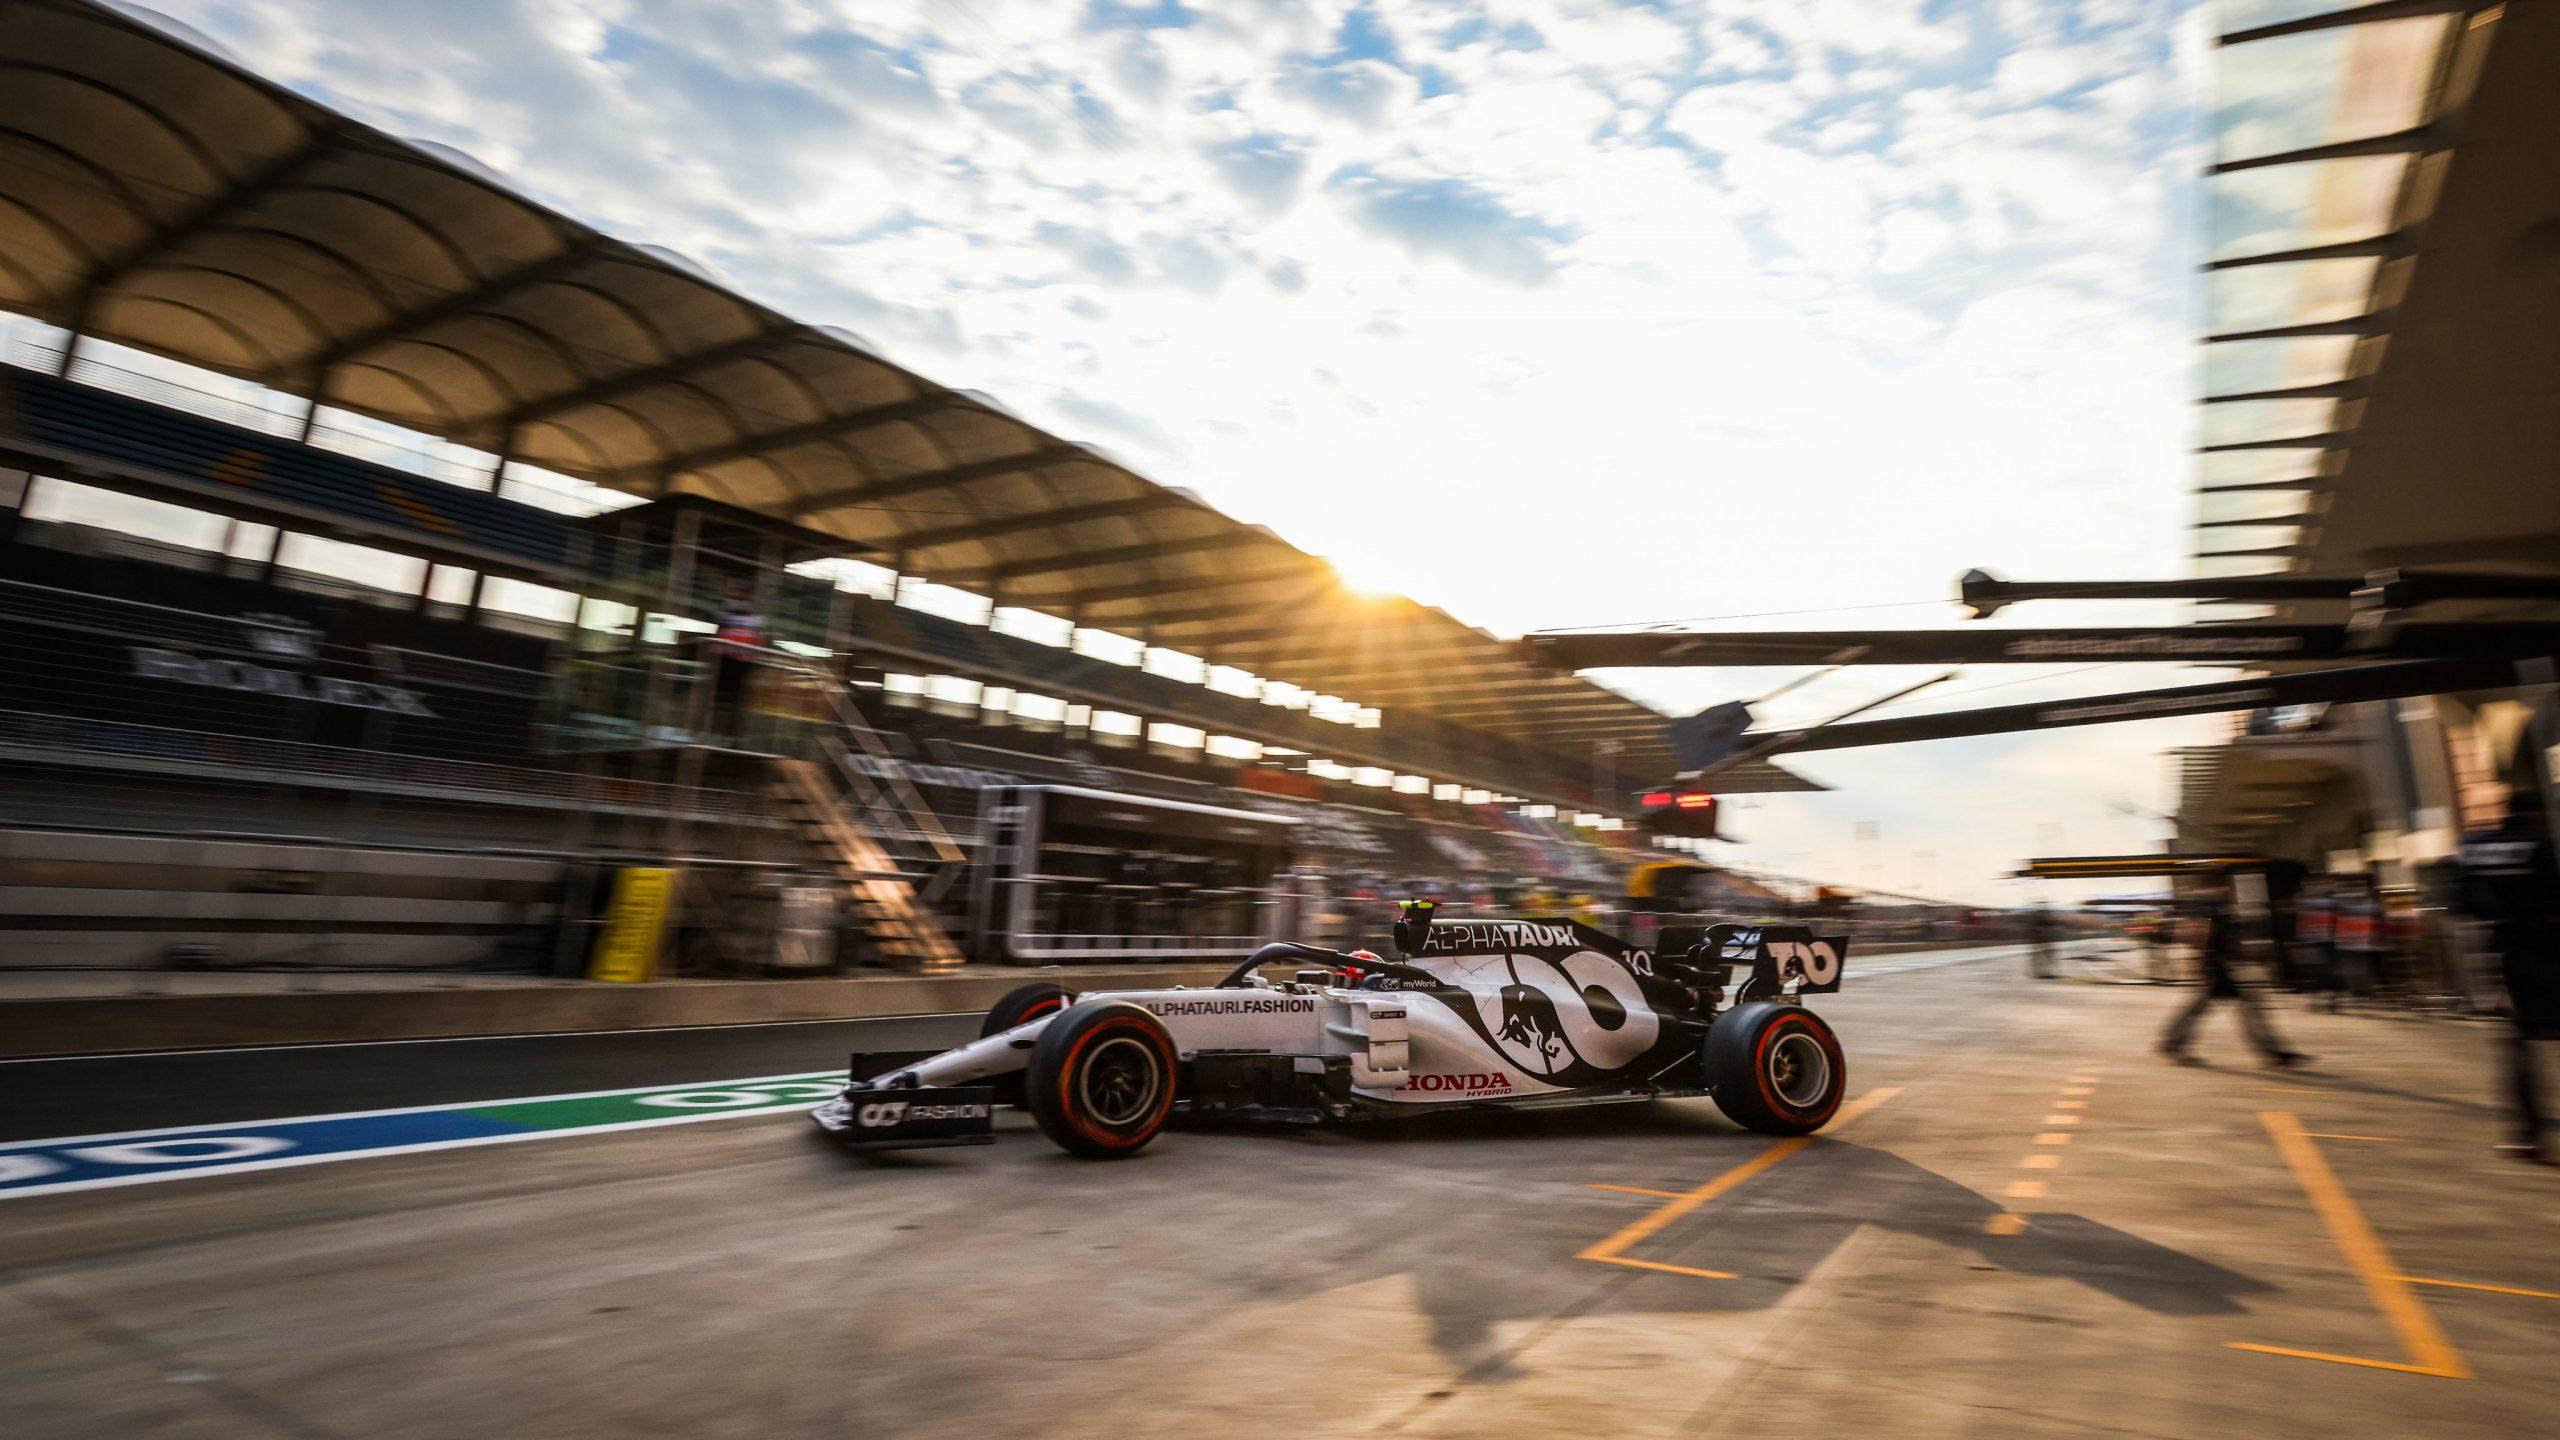 F1 - Le Grand Prix de Turquie de nouveau incertain